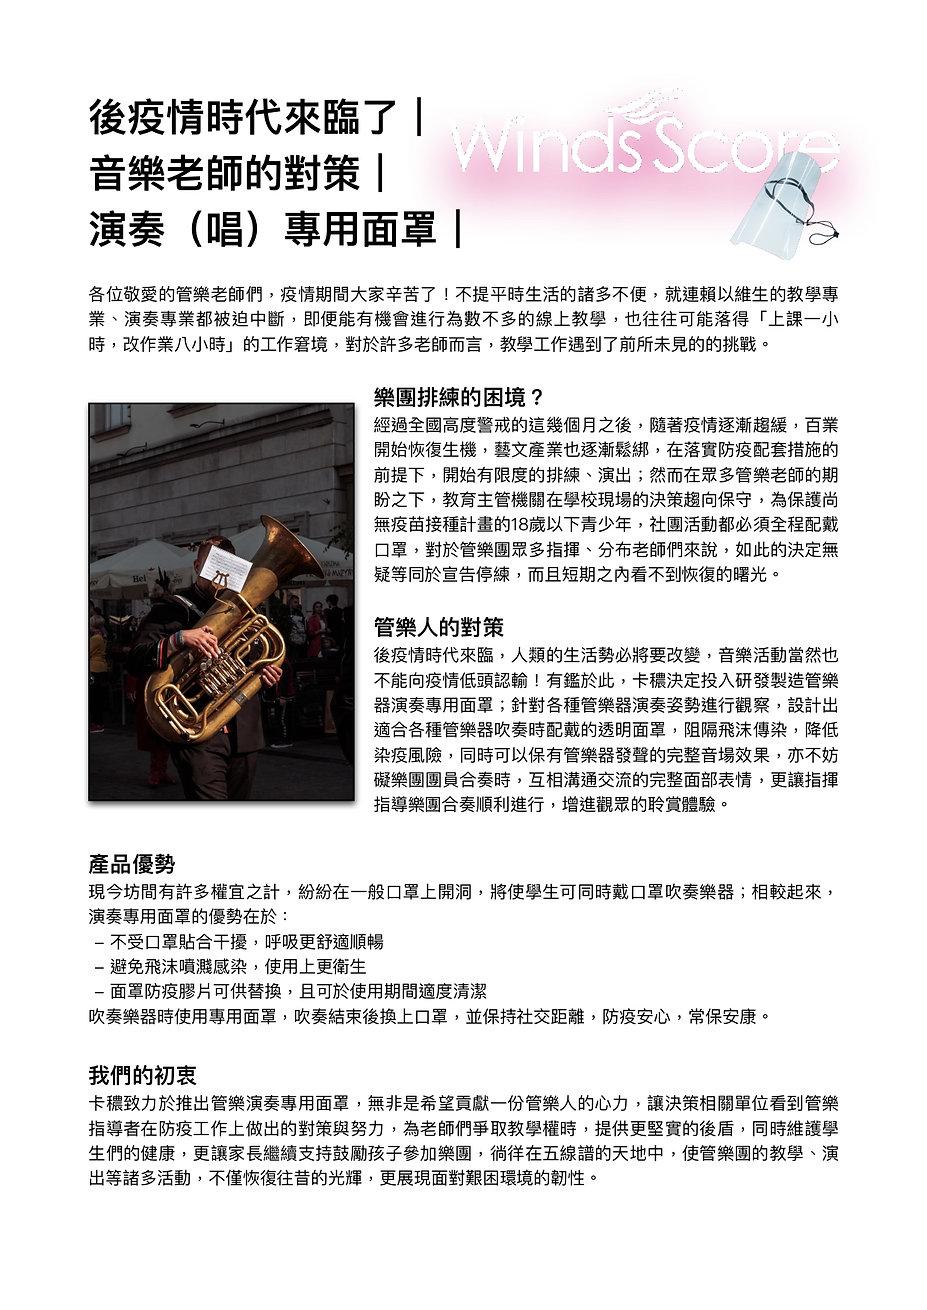 卡穠 - 演奏(唱)專用面罩_page-0001.jpg